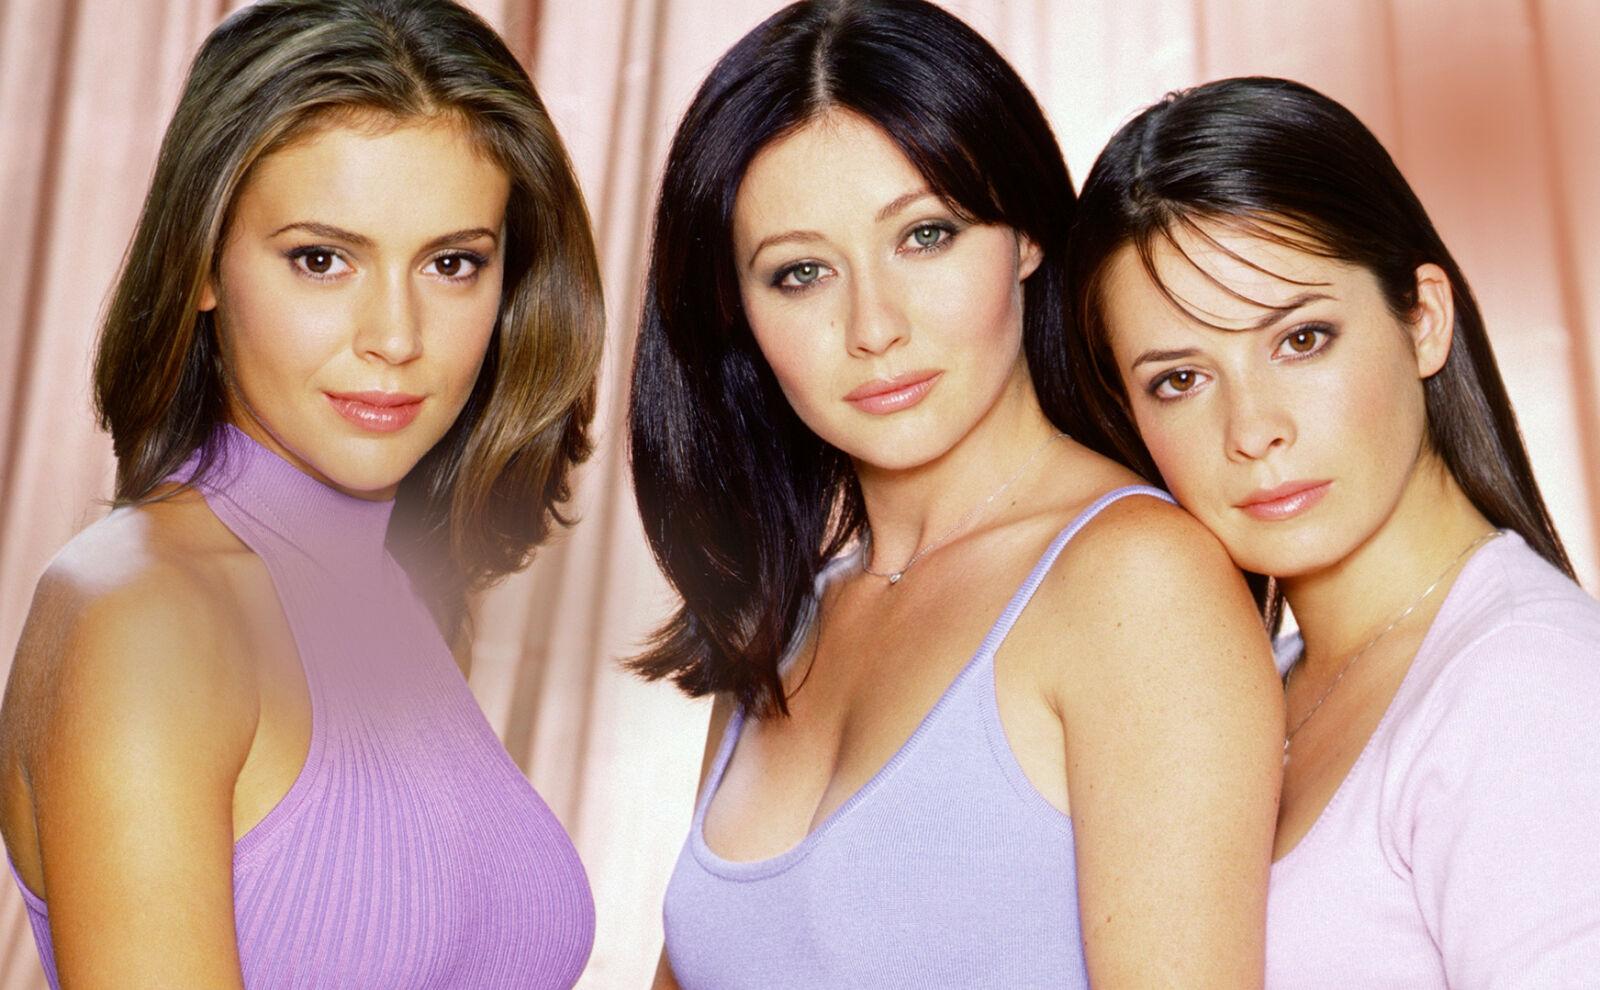 1998-2006: Mye har skjedd siden serien om de forheksede Halliwell-søstrene gikk på TV. Foto: NTB